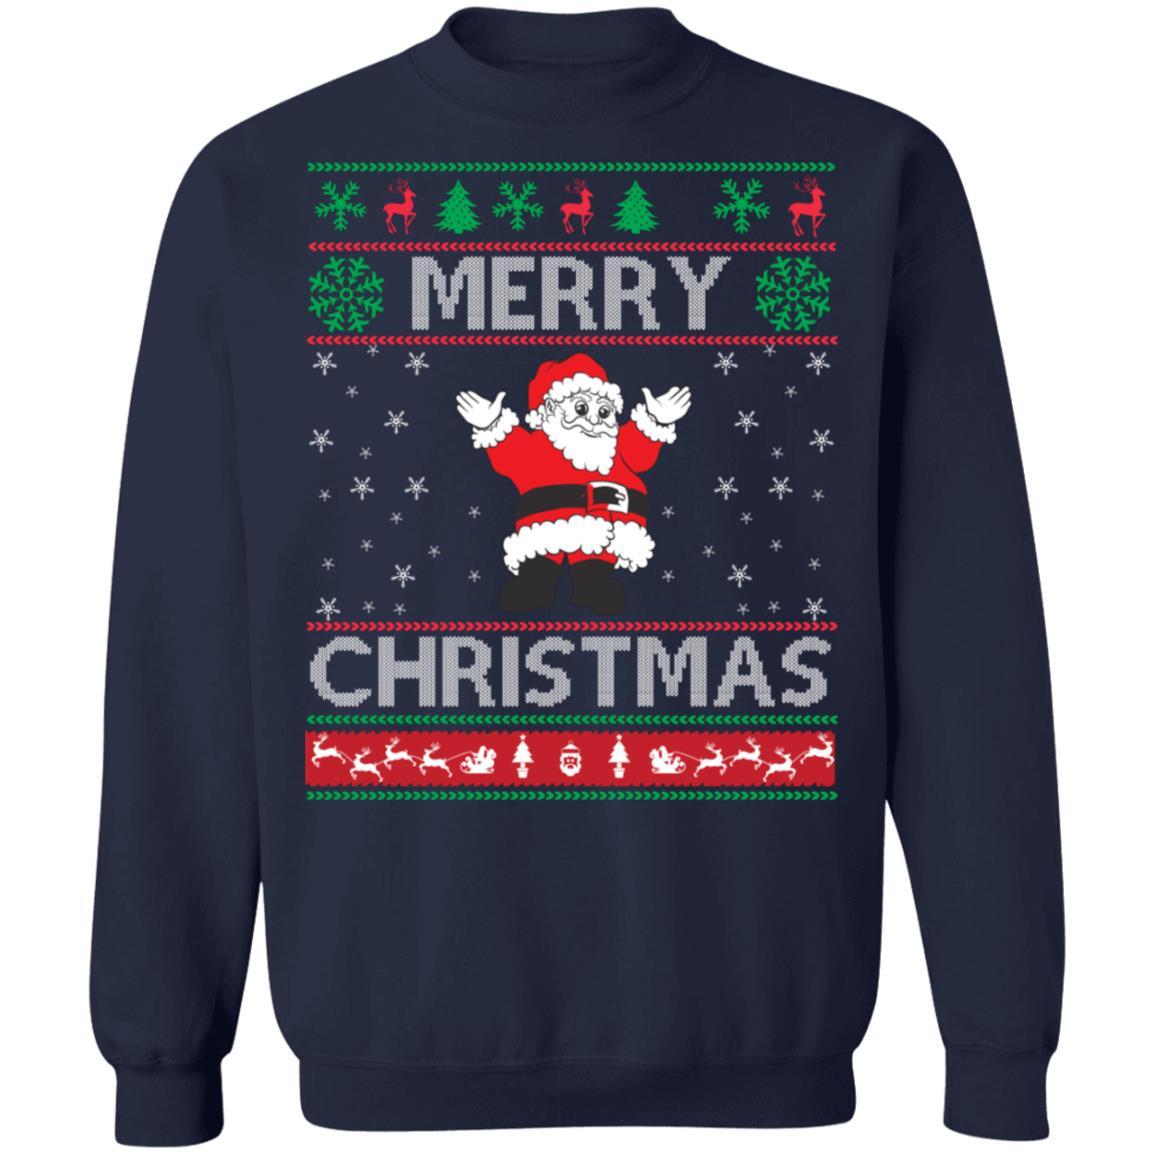 Stylish Merry Christmas Sweatshirt